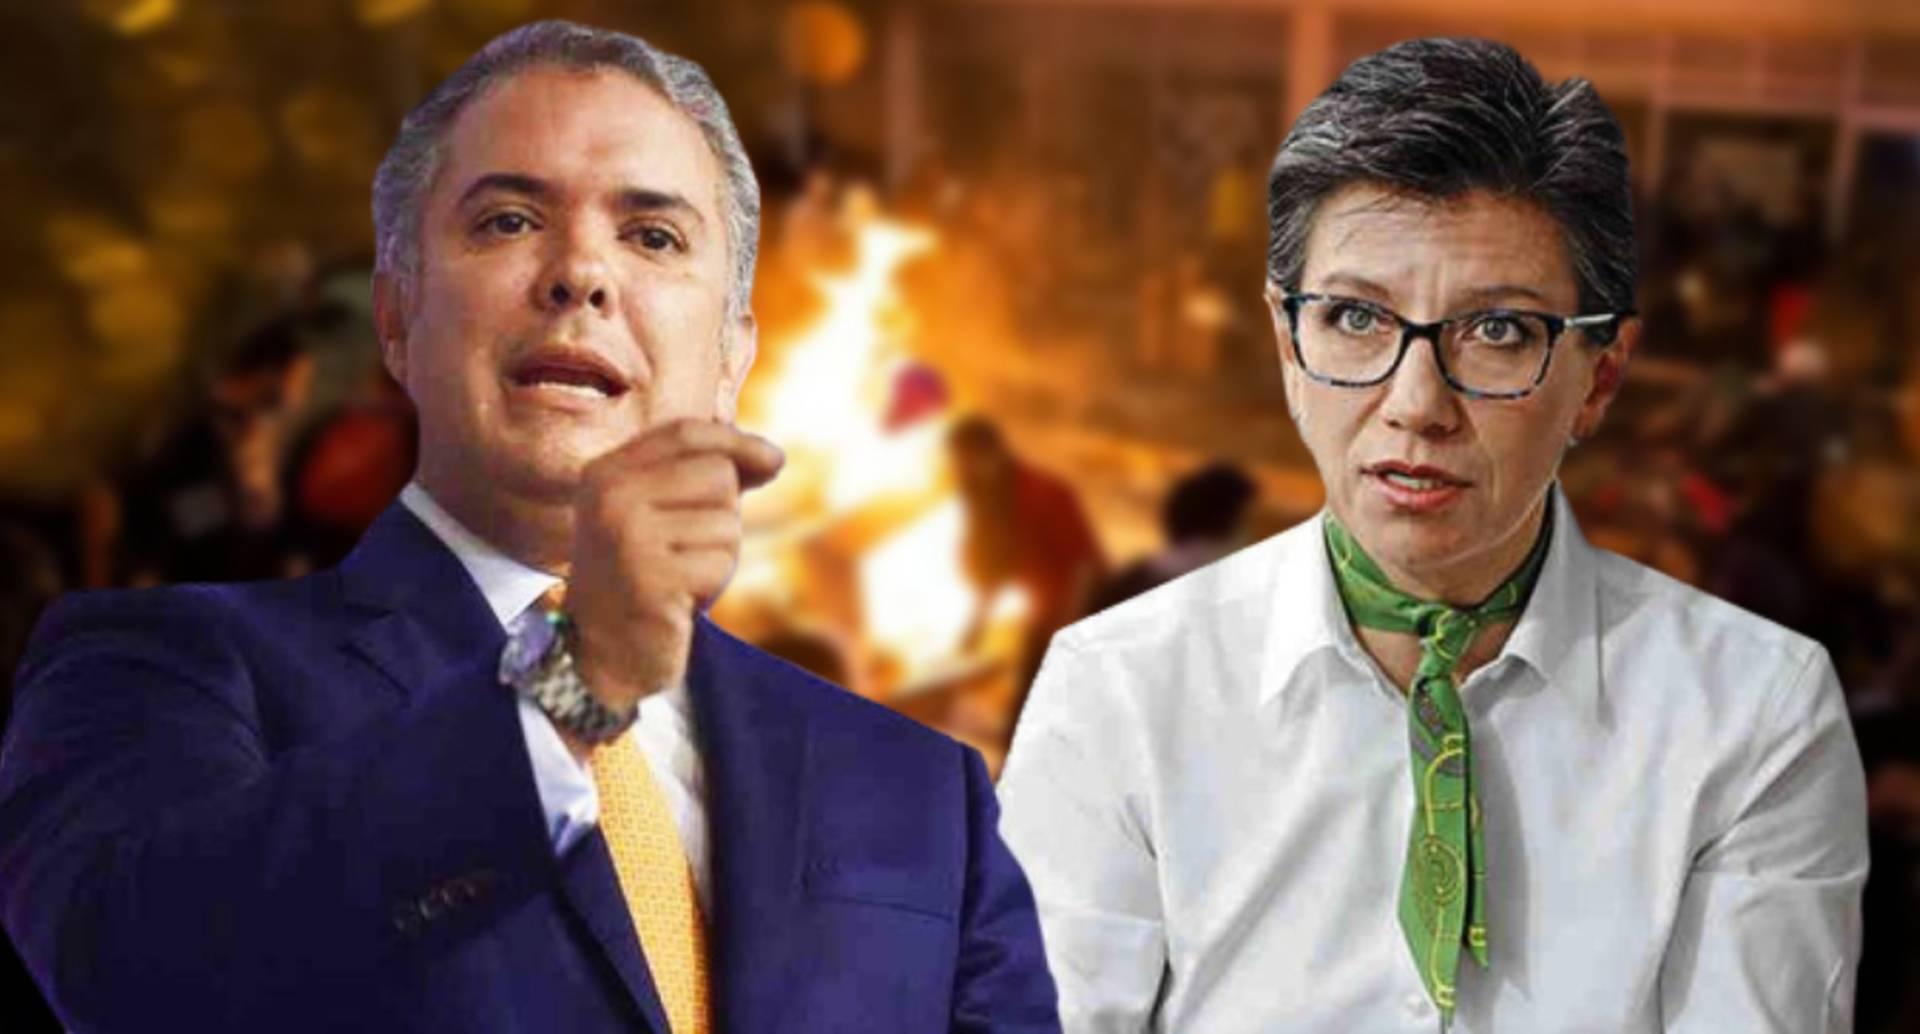 Nuevo choque entre presidente Iván Duque y alcaldesa Claudia López por violencia en Bogotá